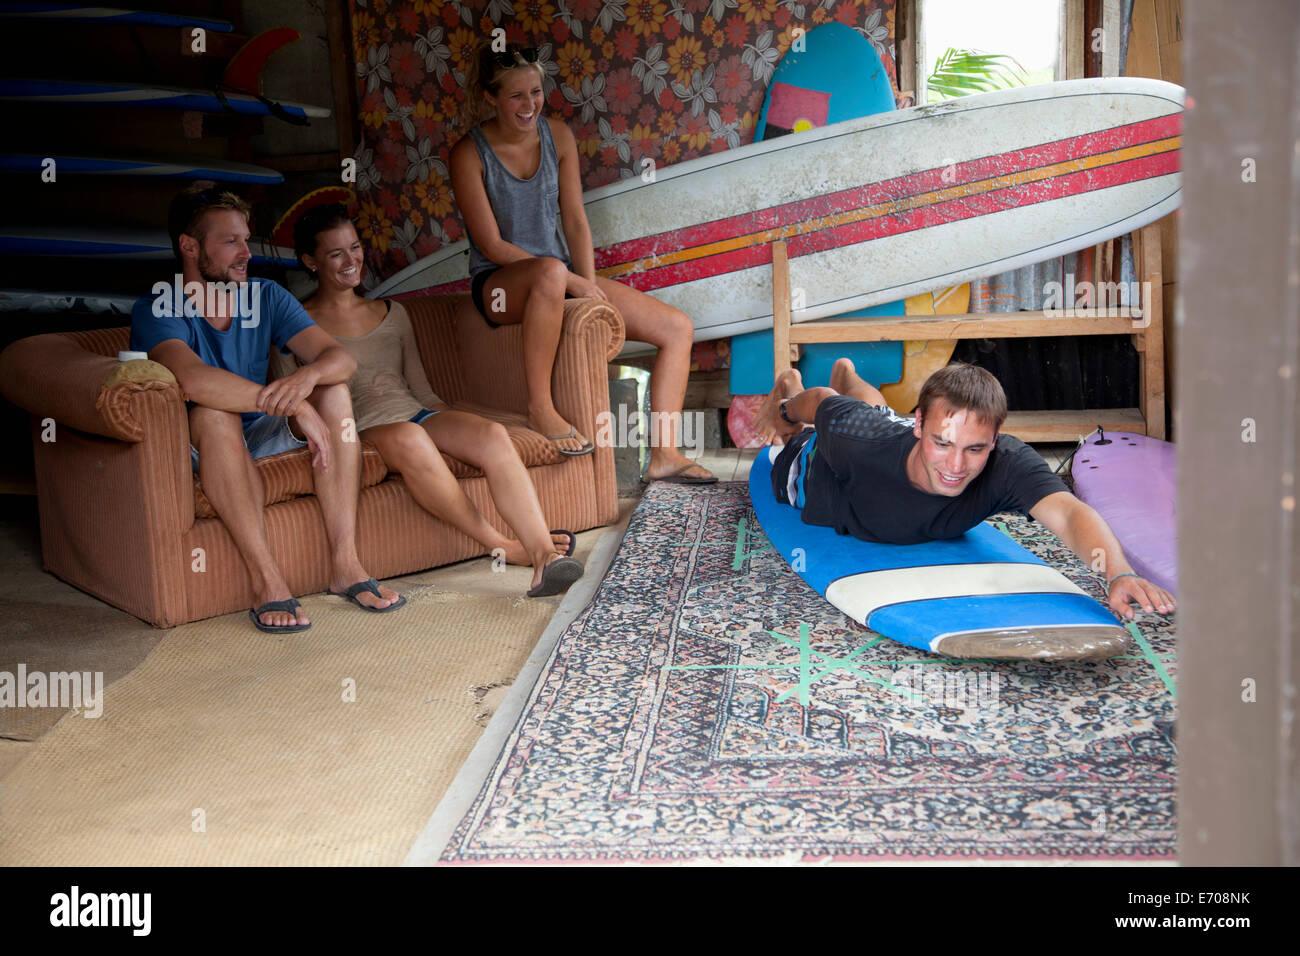 Quattro giovani adulti surfer amici cachondeo nel capannone di surf Immagini Stock